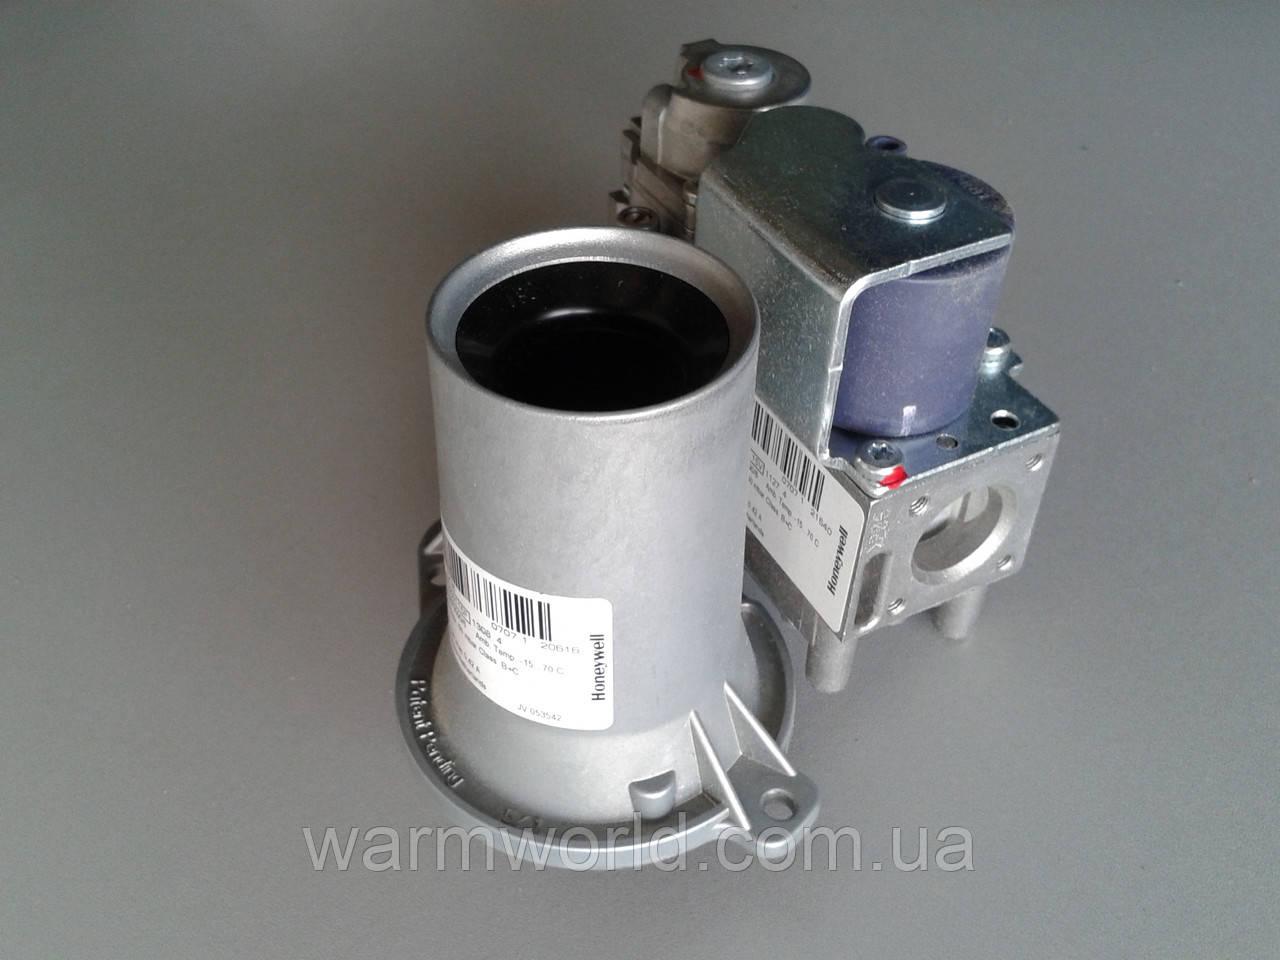 180930 Газовая арматура Vaillant VU INT 656-7 *